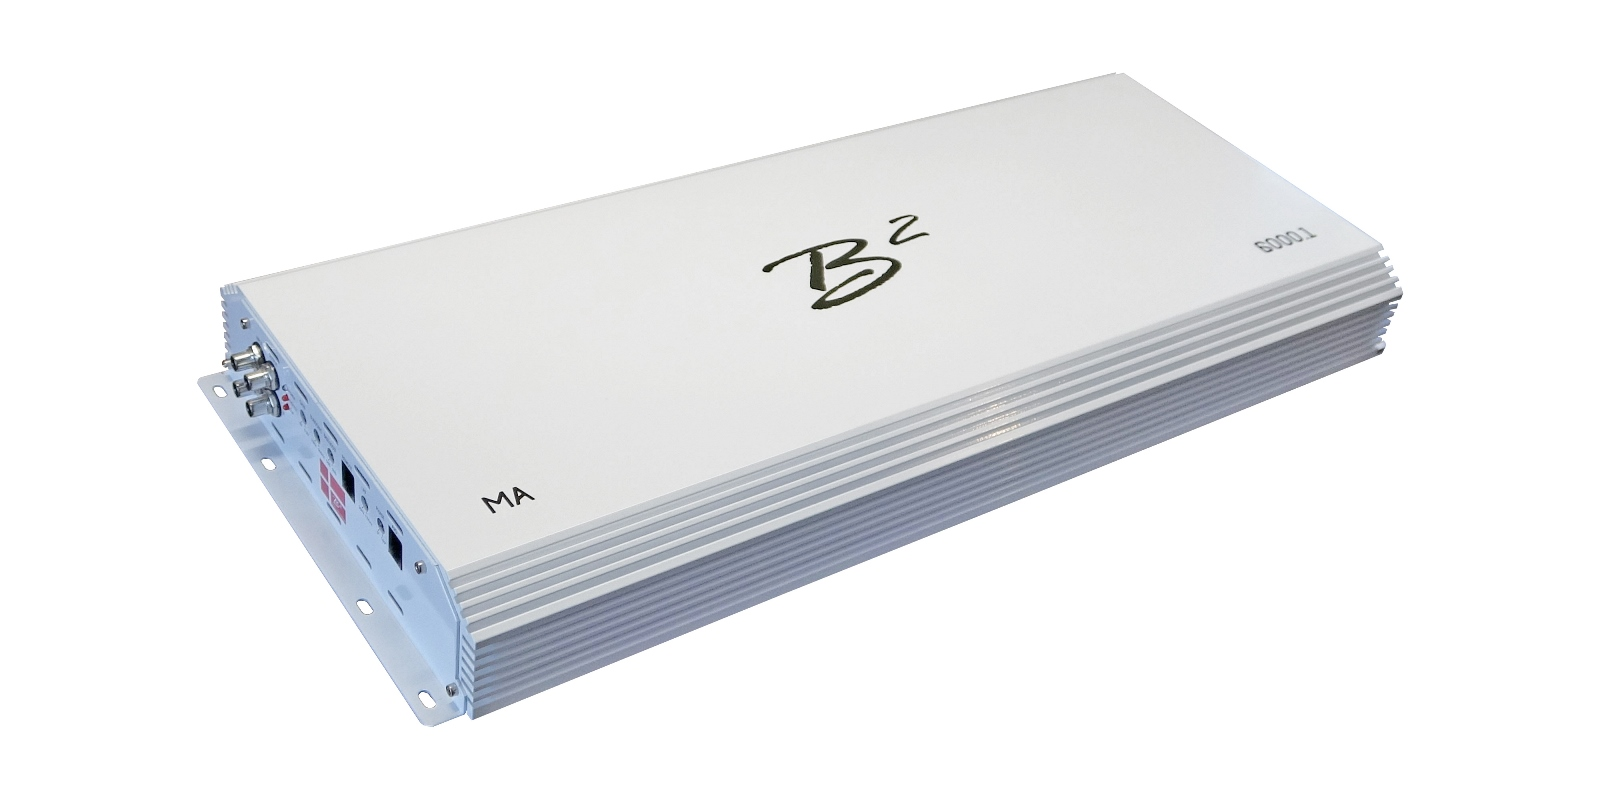 B2 MA6000.1